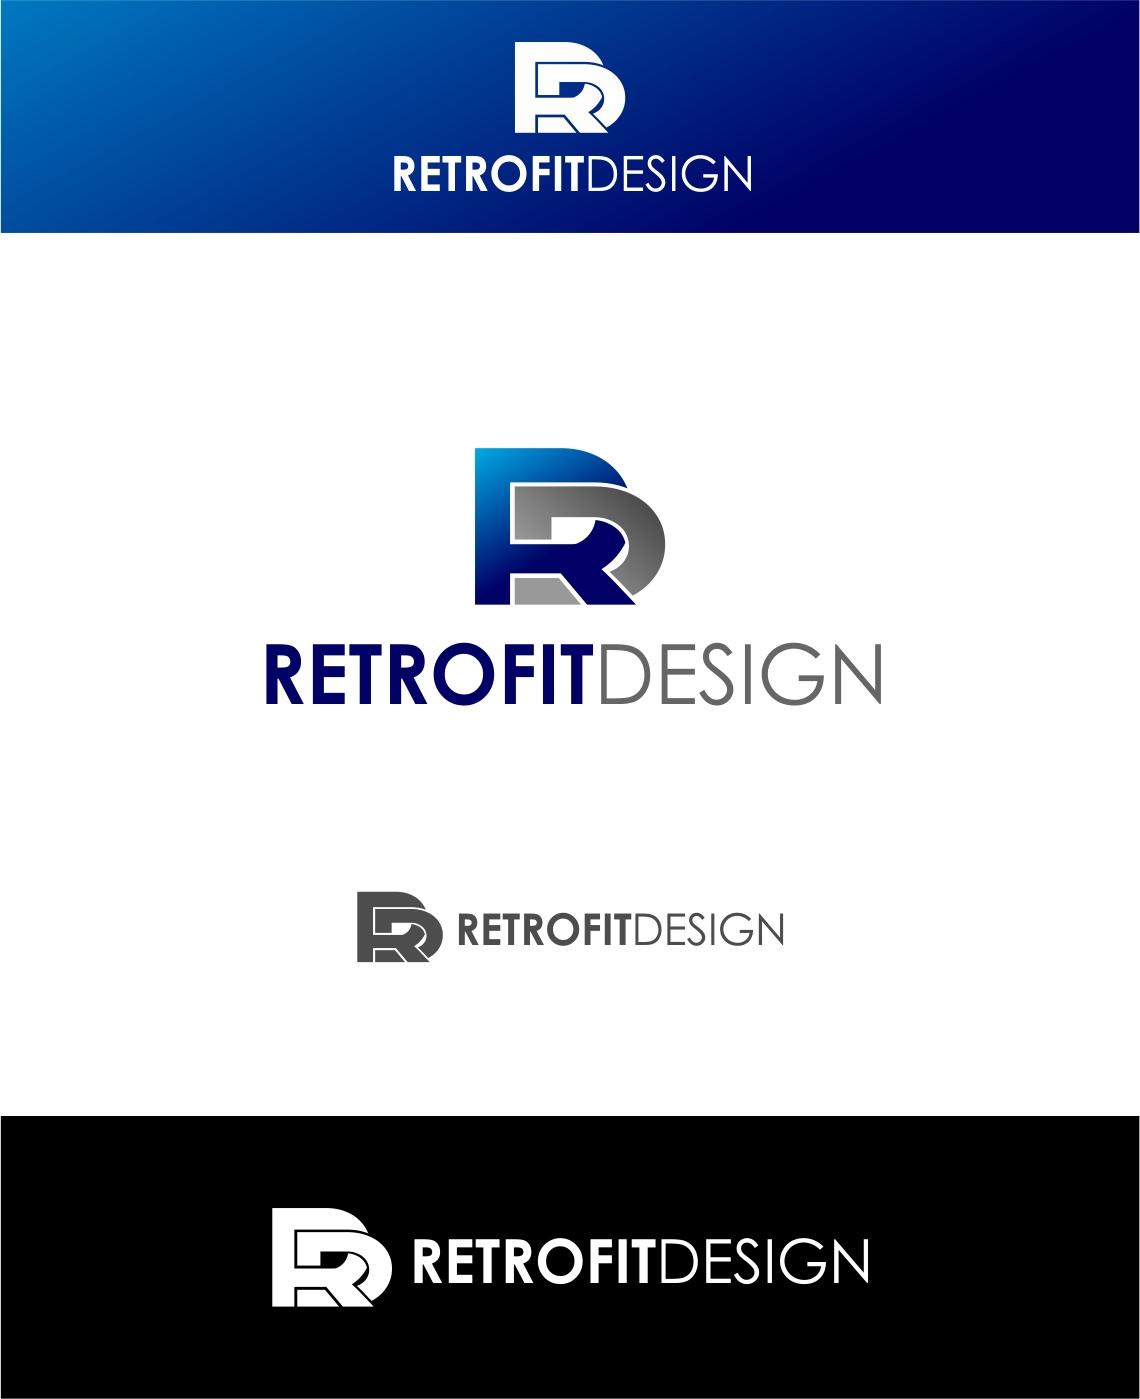 Logo Design by haidu - Entry No. 157 in the Logo Design Contest Inspiring Logo Design for retrofit design.